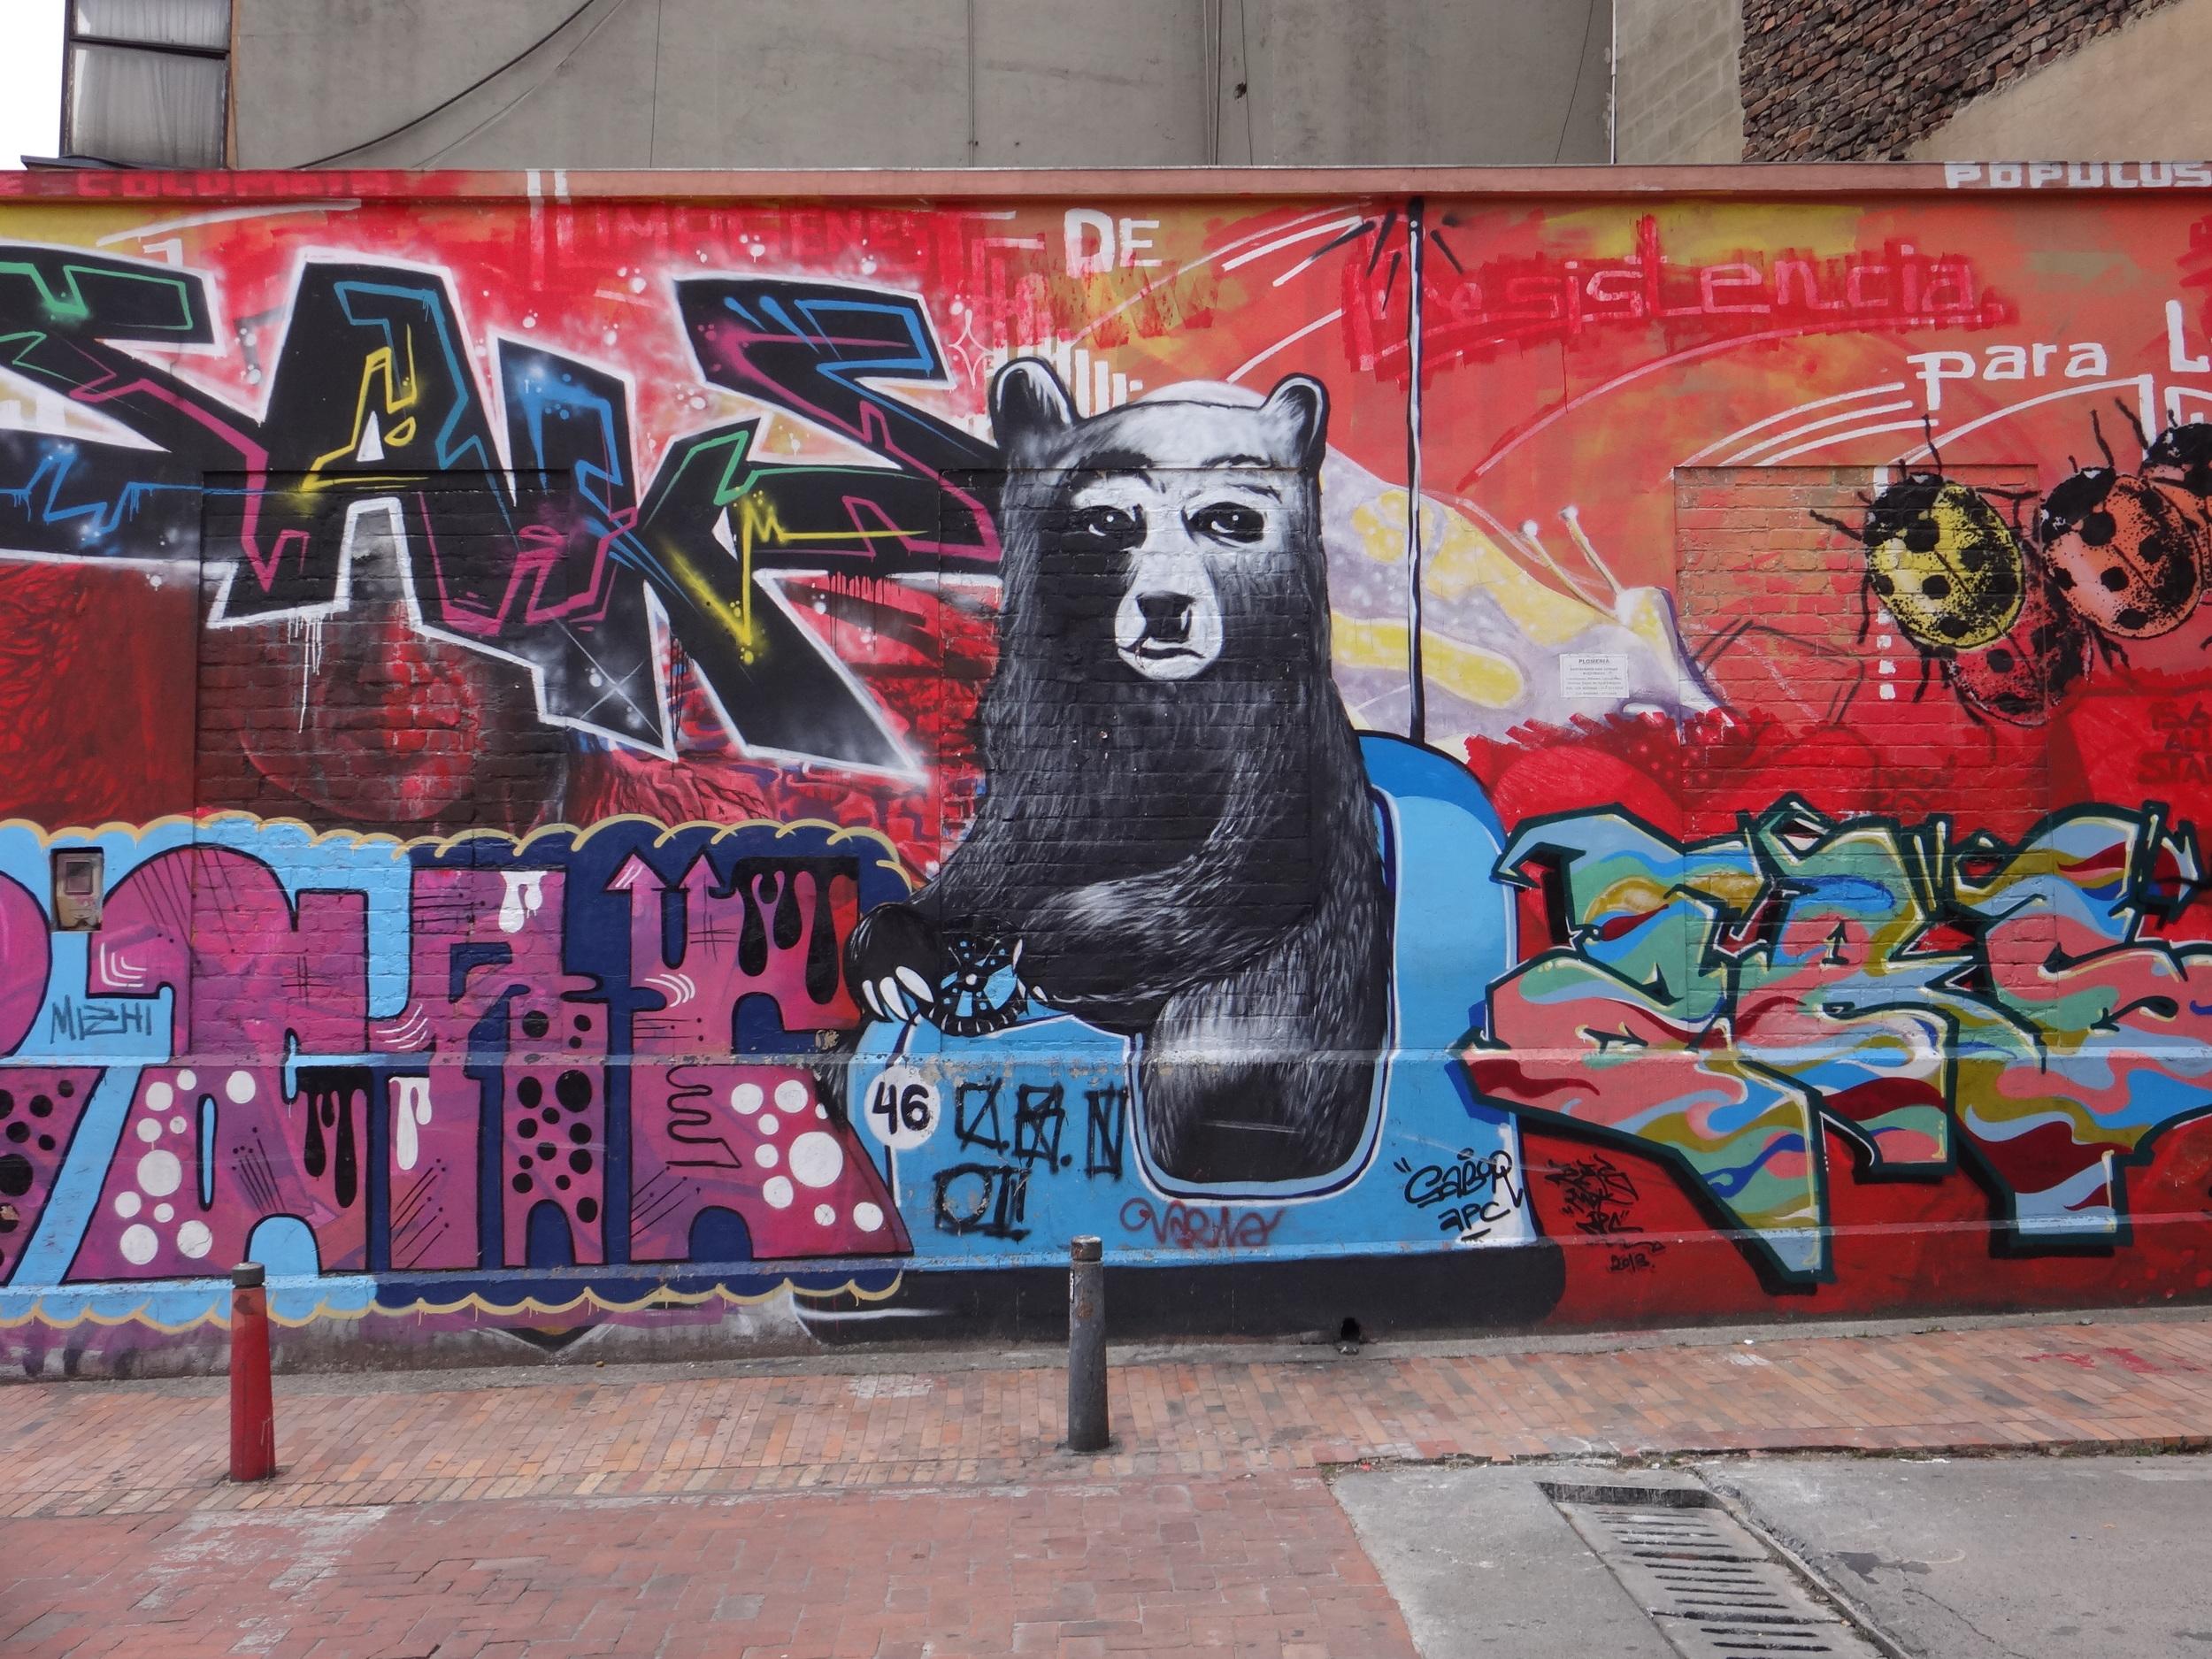 This type of street art is everywhere in La Candelaria neighborhood.